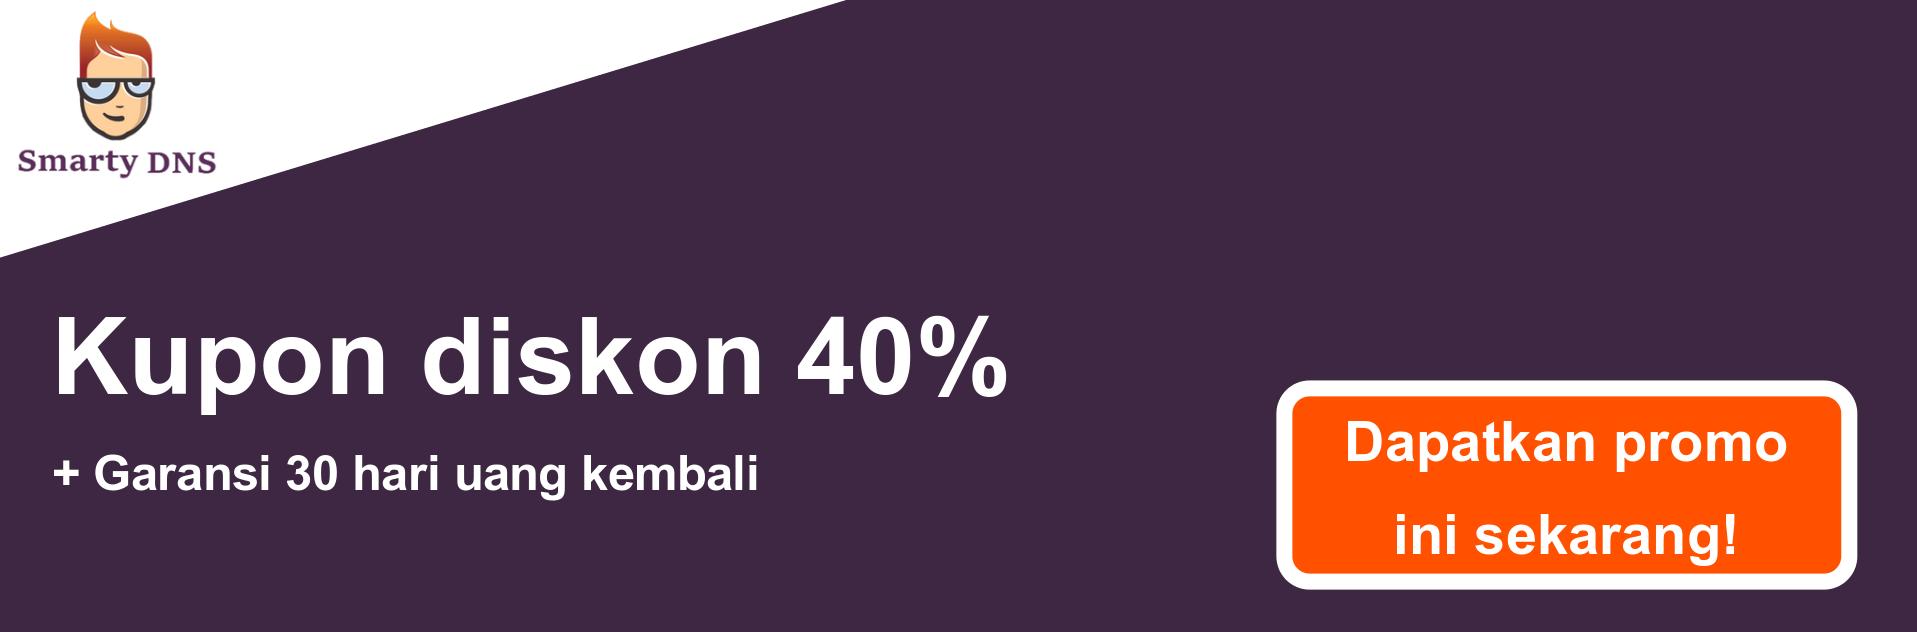 Spanduk kupon SmartyDNS - diskon 40%